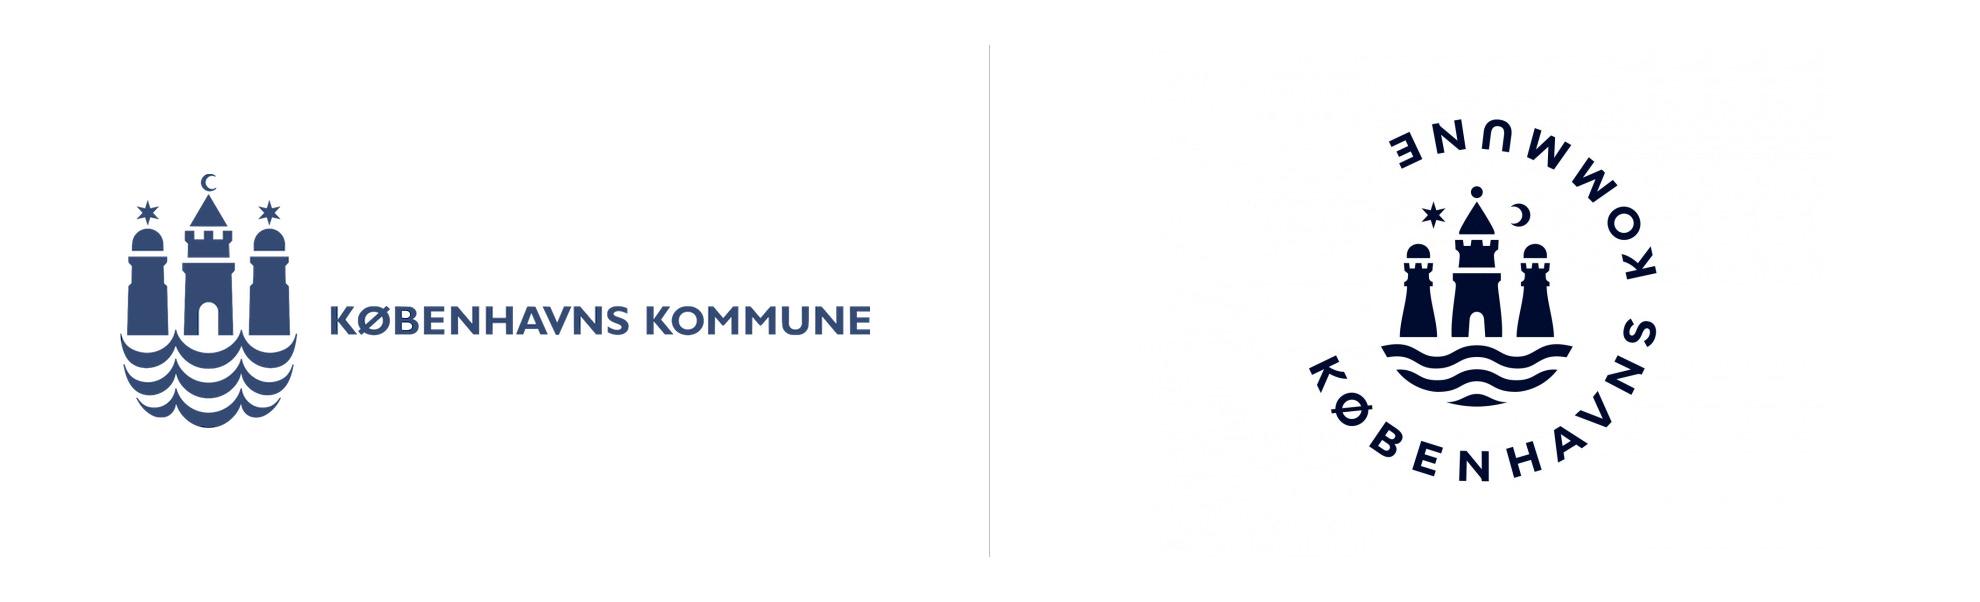 Kopenhaga ijej nowe logo zpółksiężycem